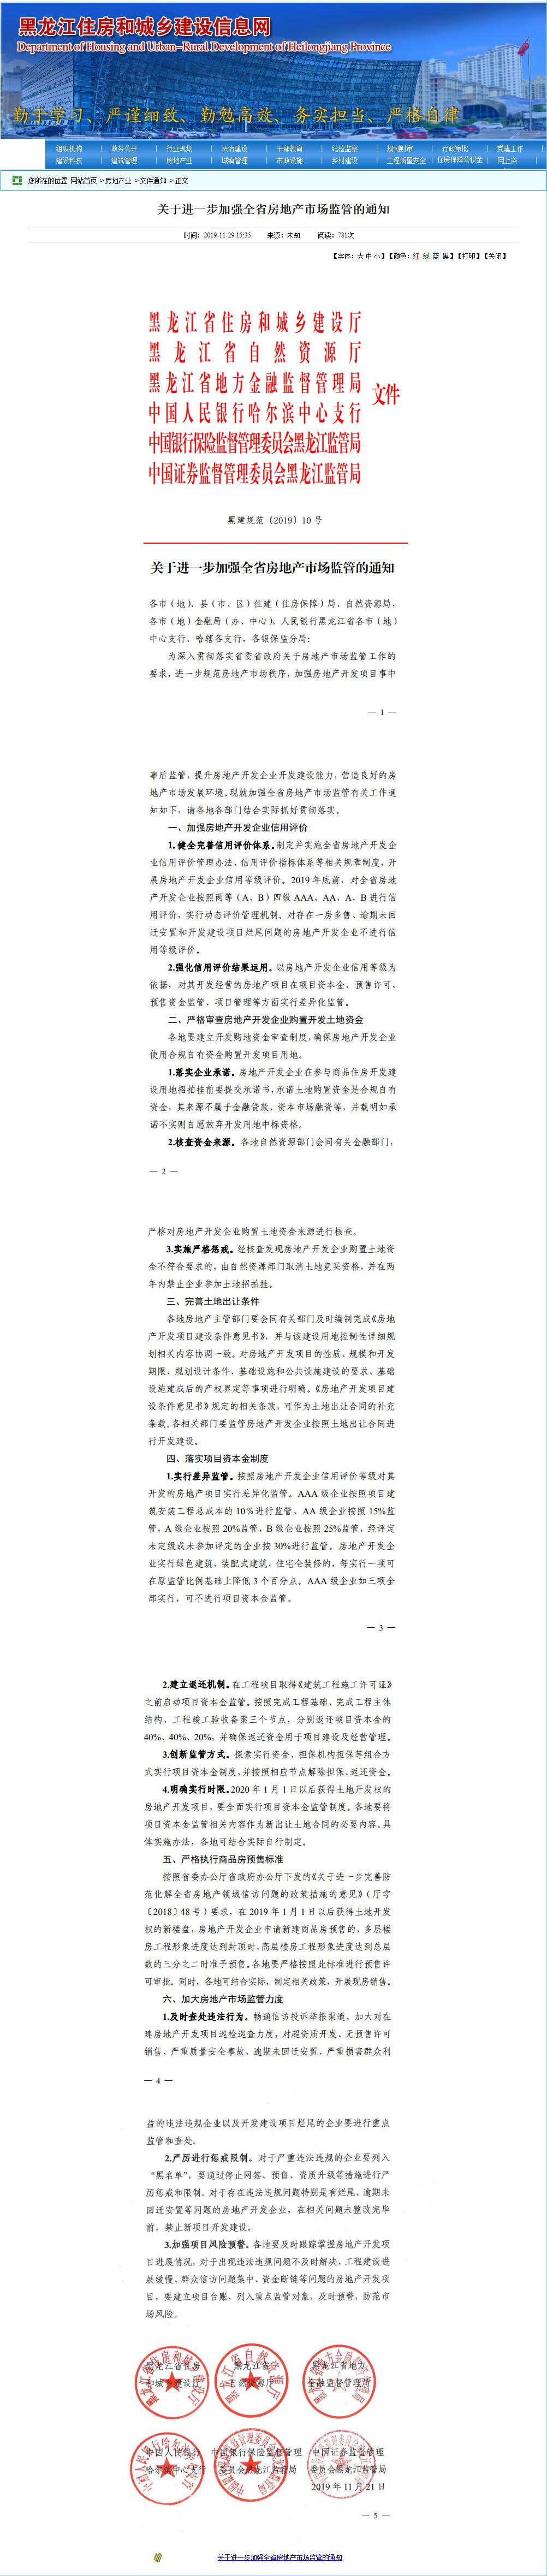 黑龙江出新规:禁房企贷款融资拿地